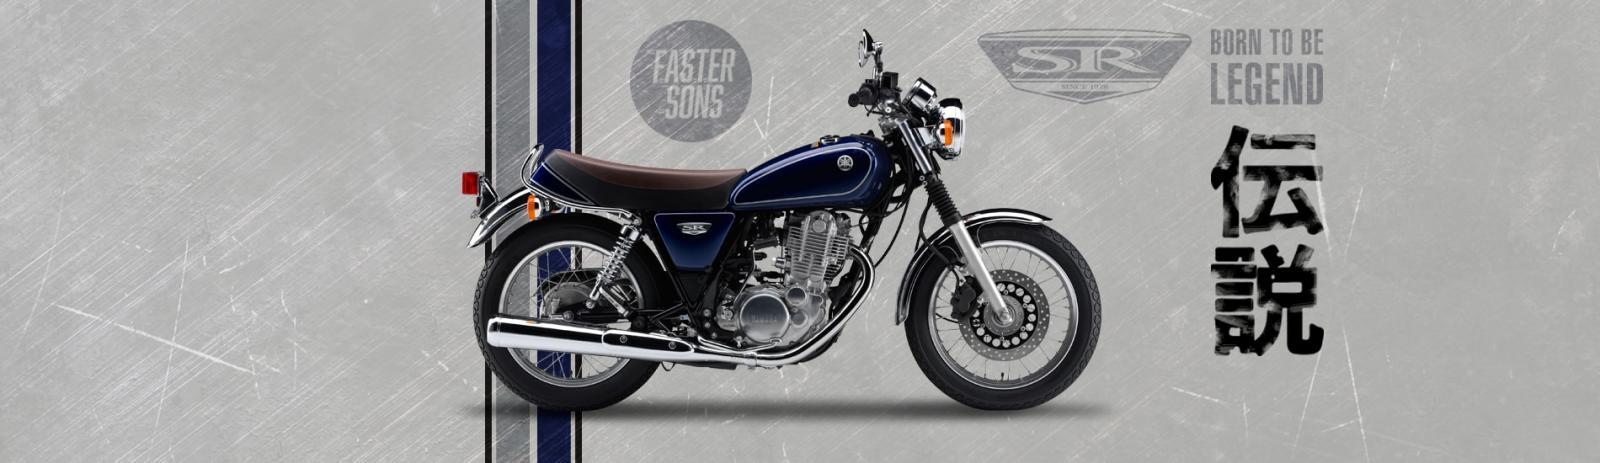 โปรโมชั่น Yamaha สิงหาคม 2563